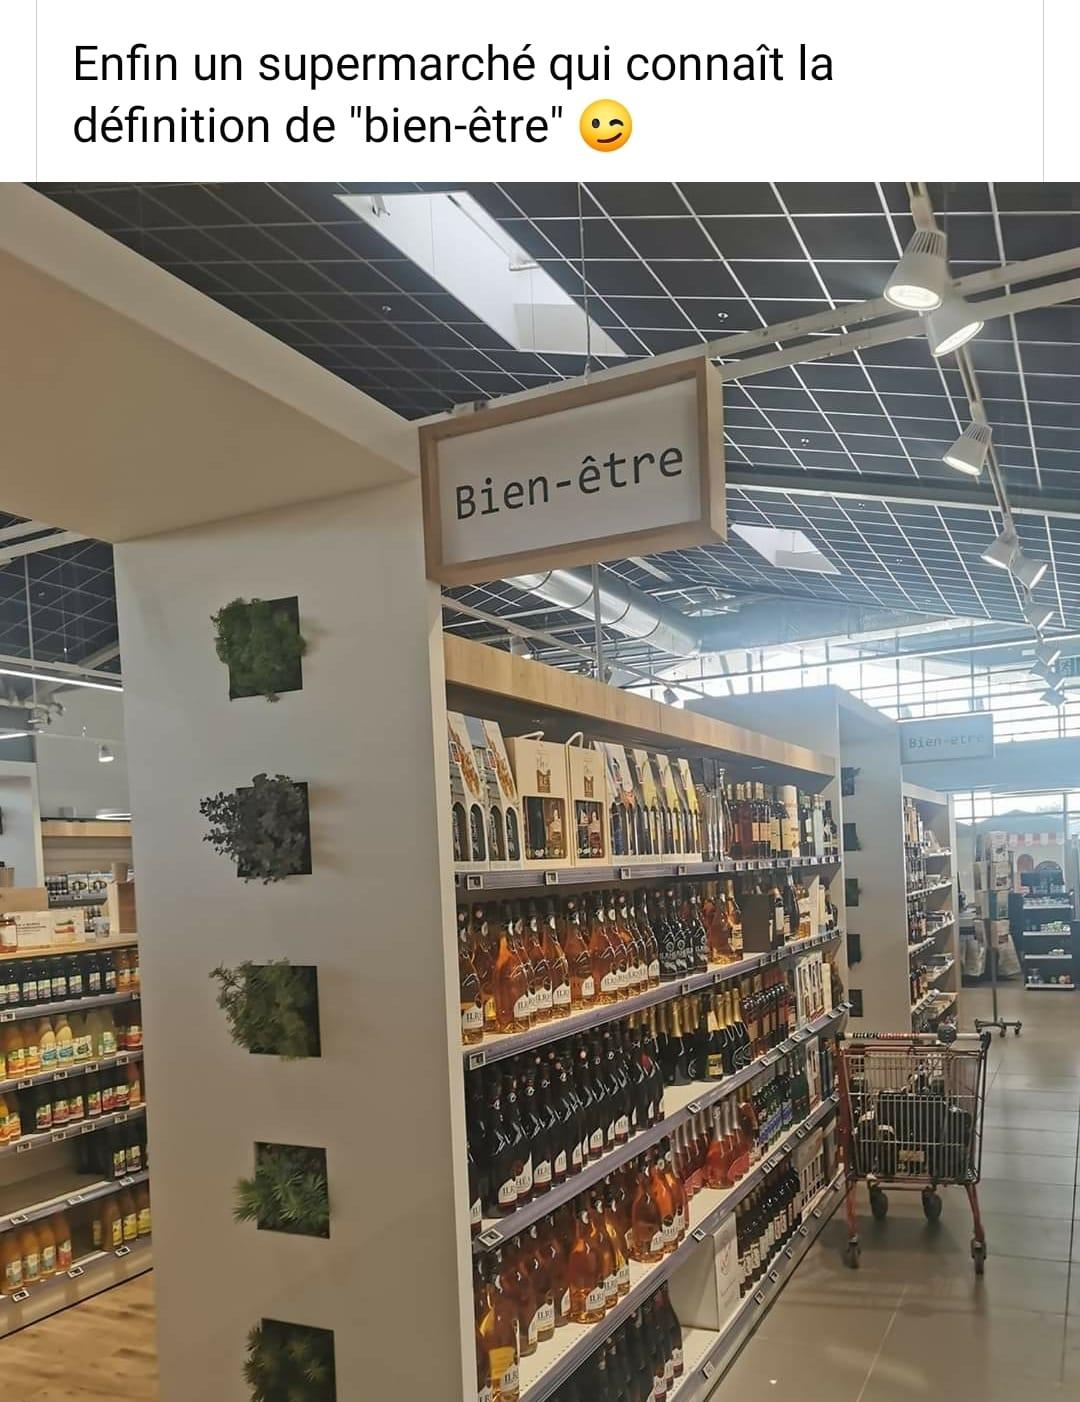 Enfin un supermarché qui connaît la définition de bien-être